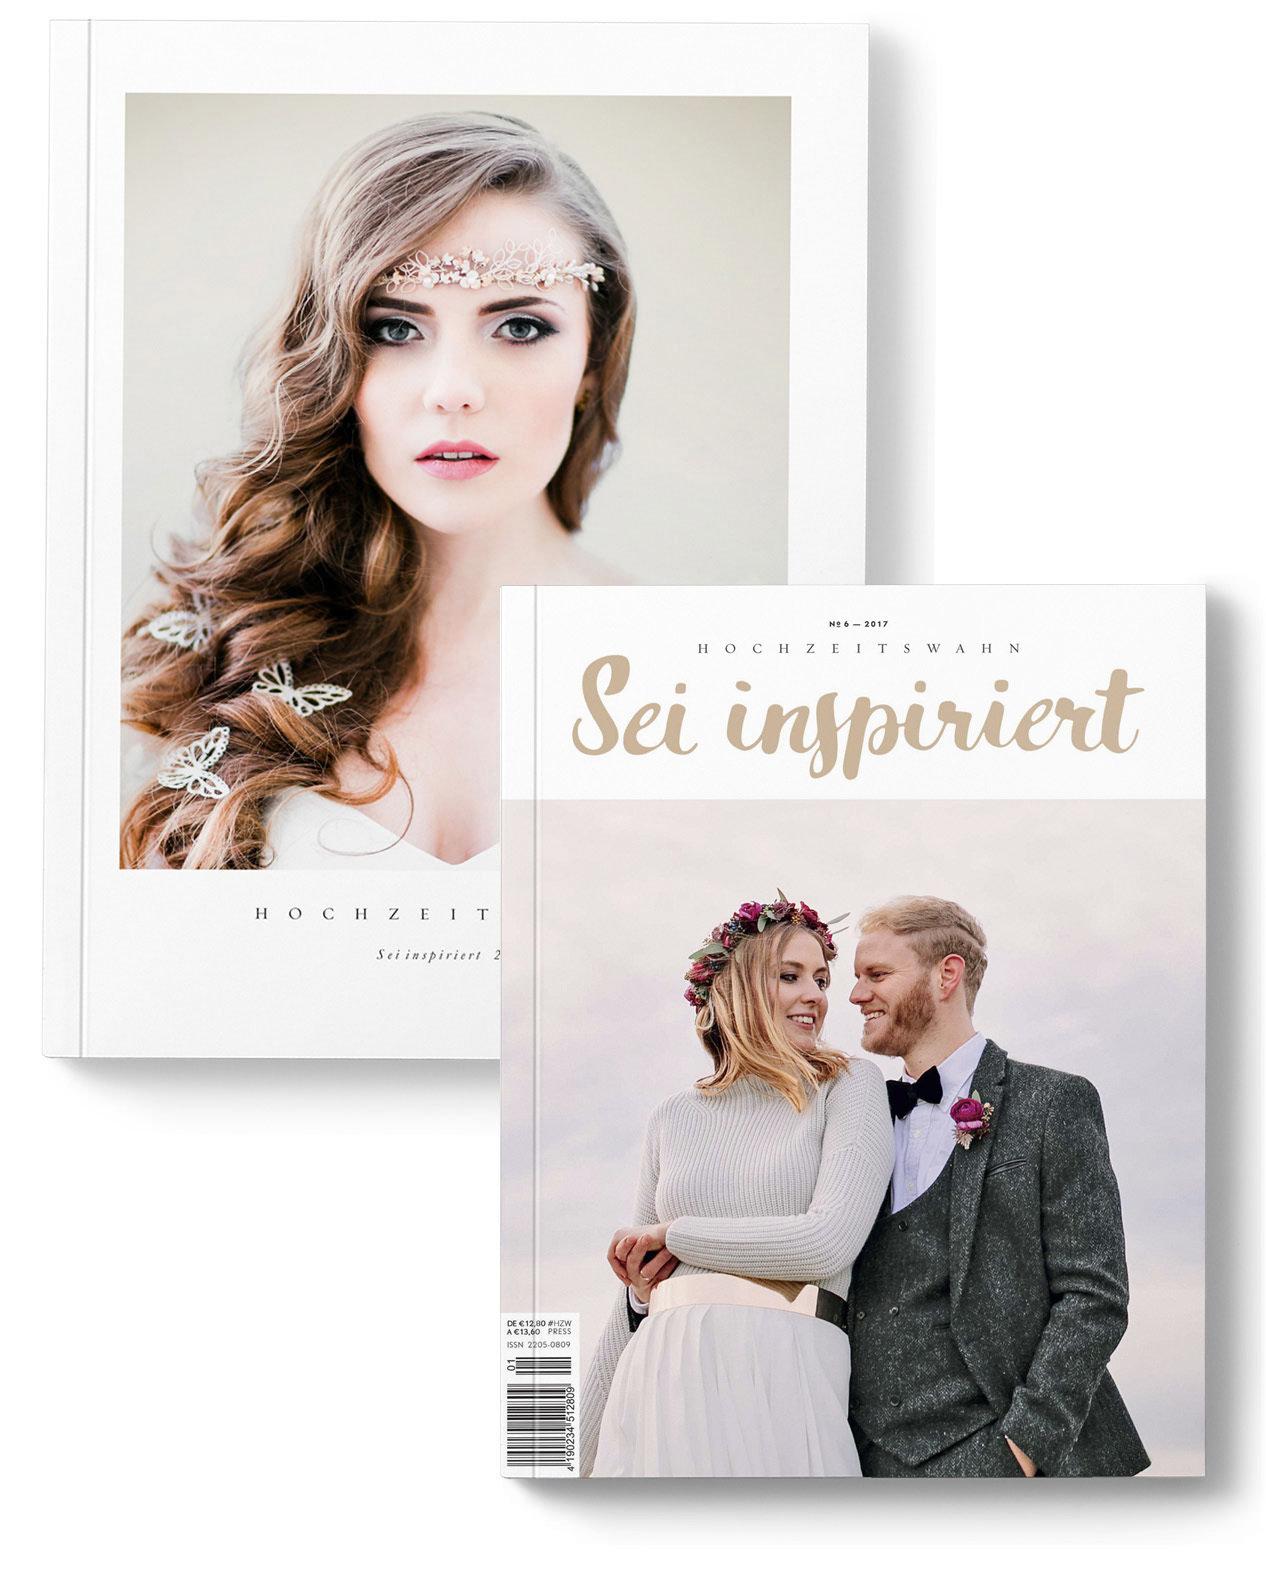 Sei inspiriert 2016 Buch & No 6 Magazin 2016052016